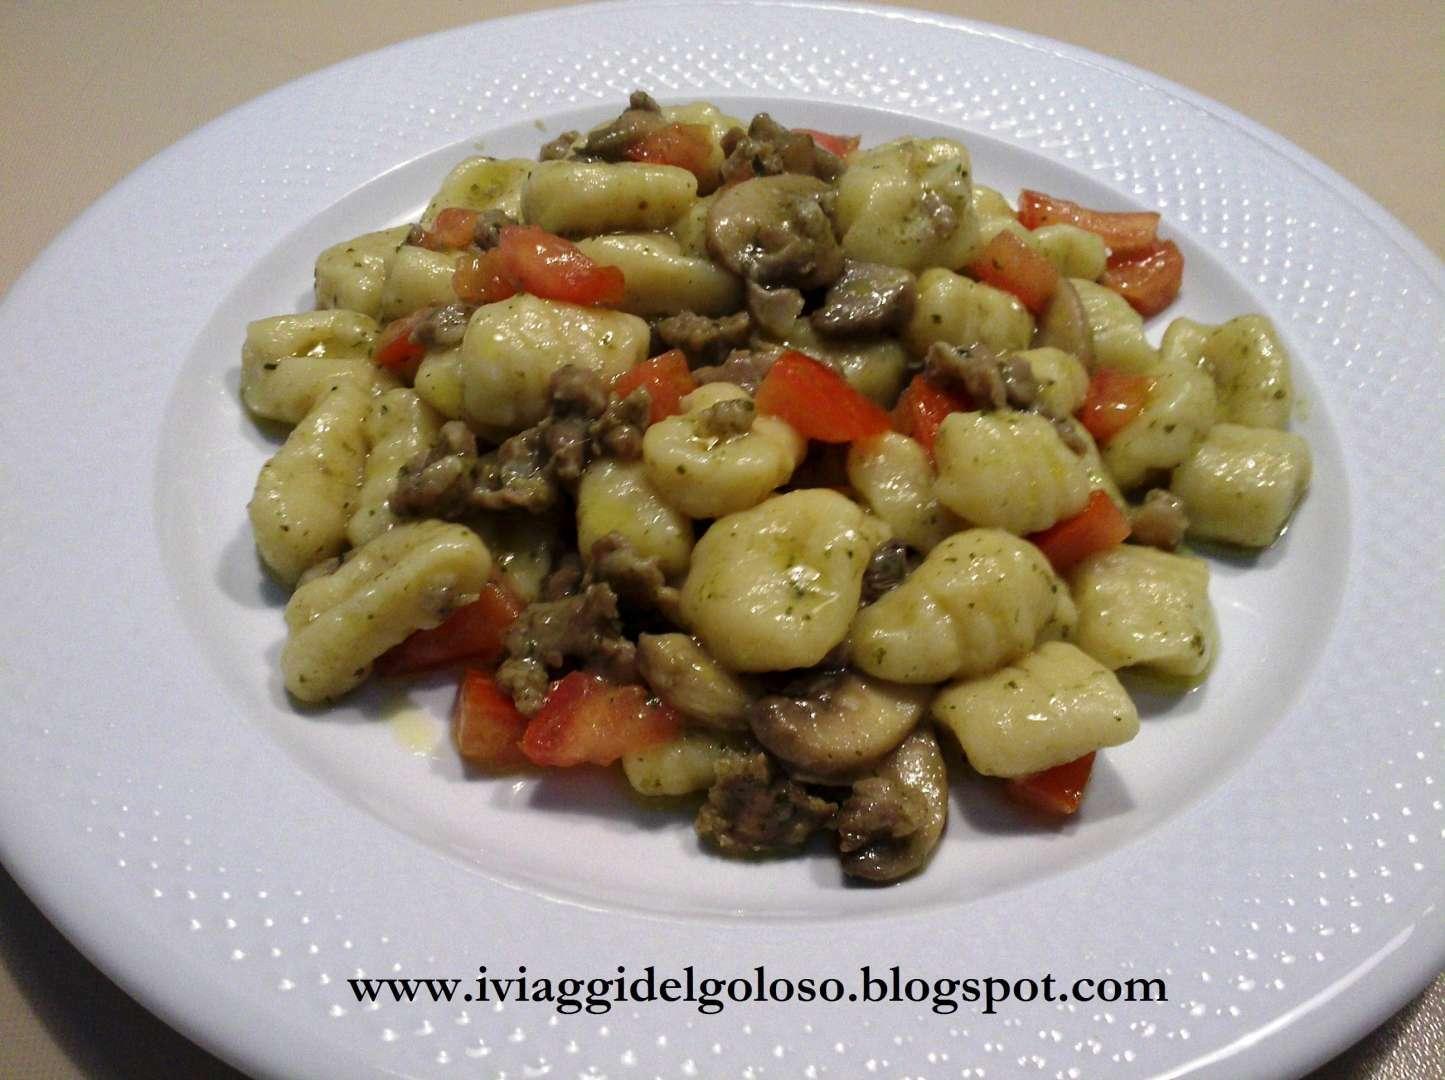 Ricette Gnocchi Con Funghi.Zdjp7pm5hr3fum